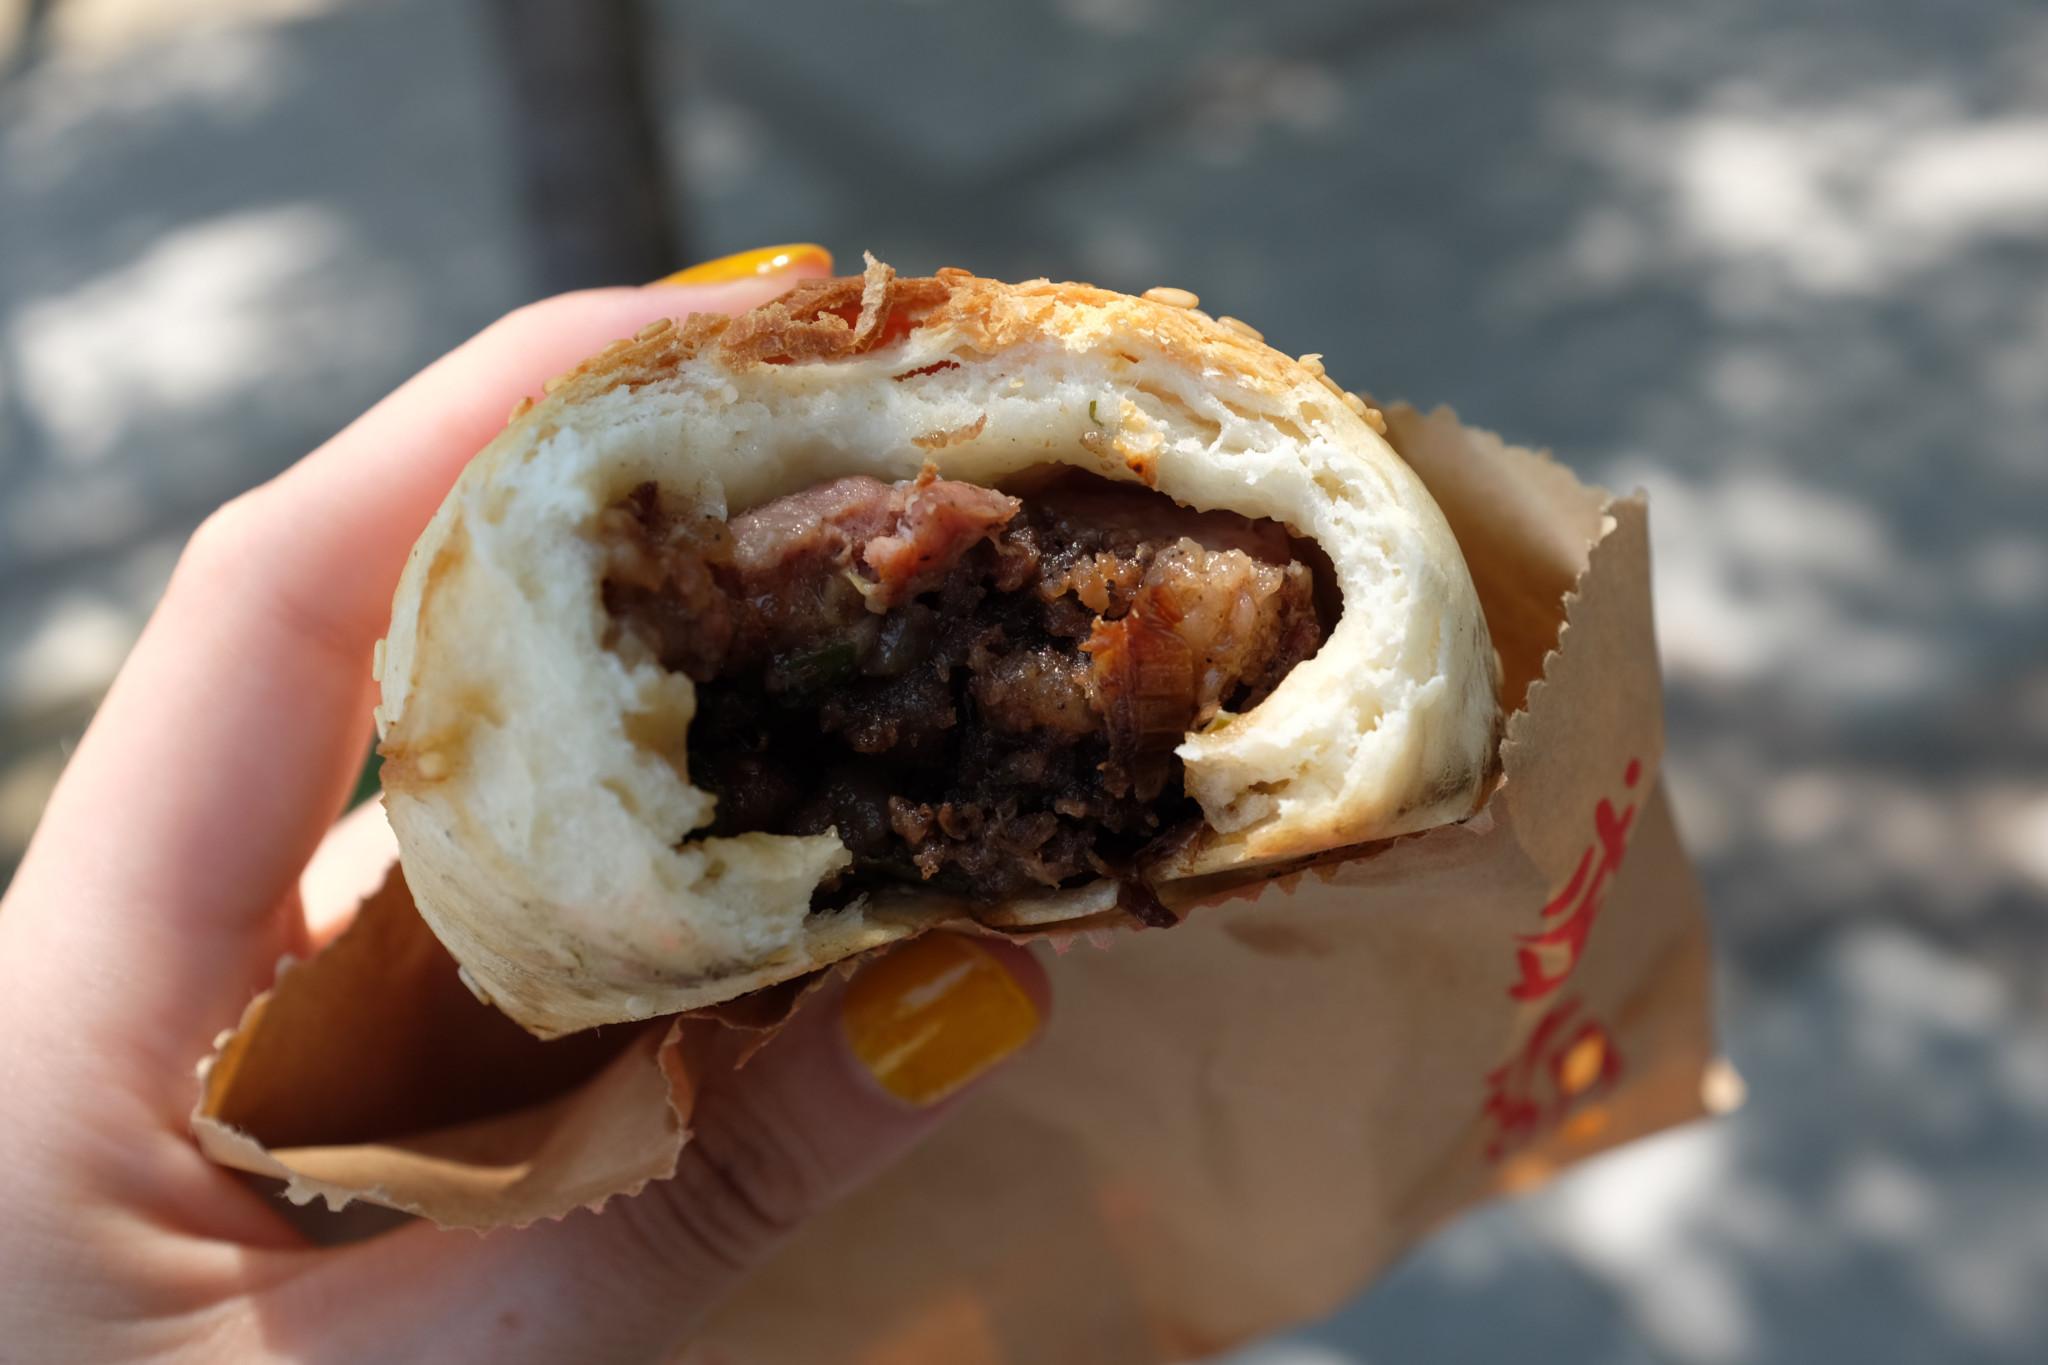 外サク中フワの胡麻餅(45台湾$)。